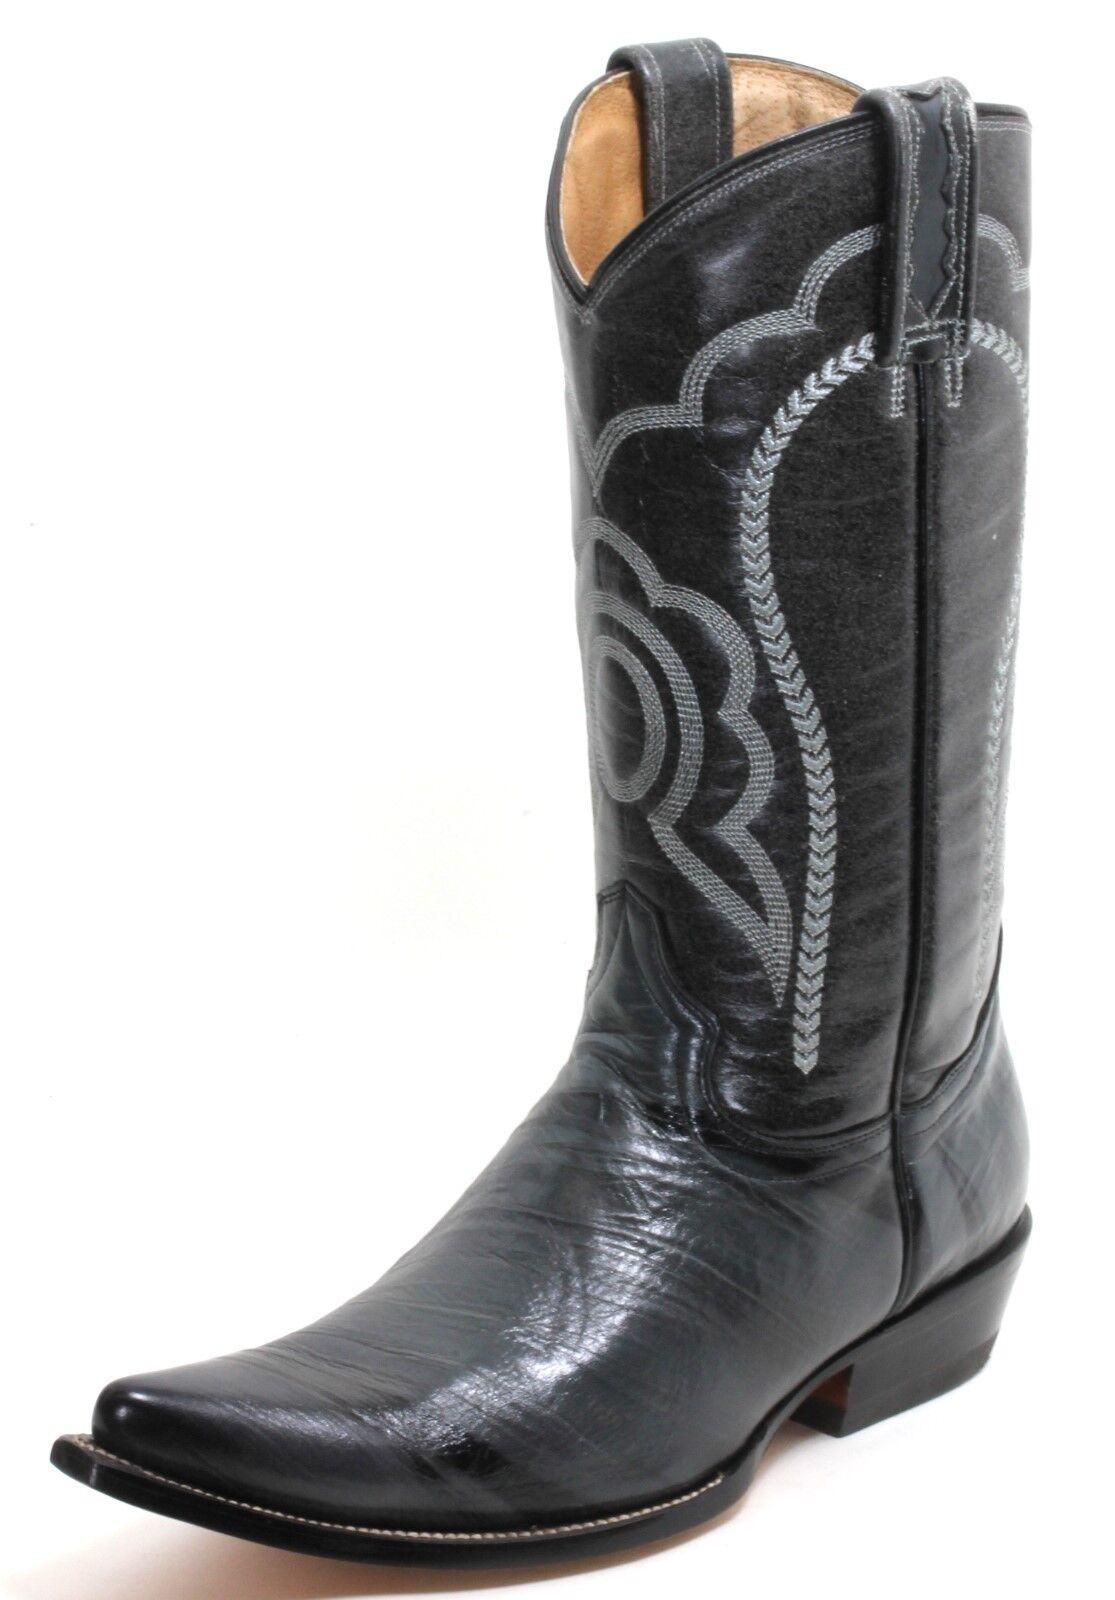 169 Cowboy Stivali Stivali Western Western Western Texas stivali ricamo Catalan Style anguilla 45 b62d08